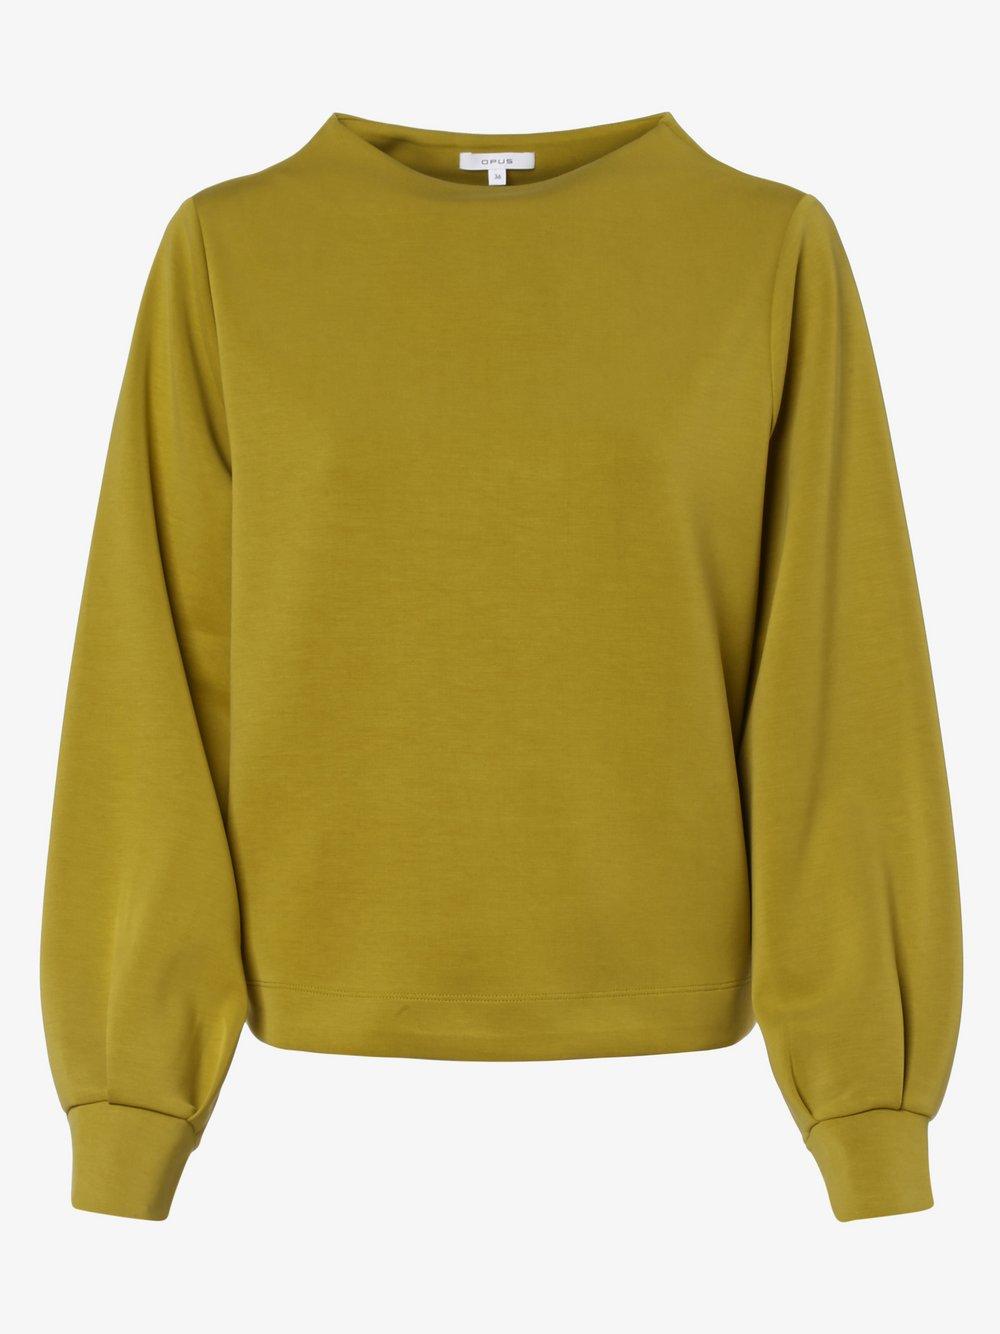 Opus - Damska bluza nierozpinana – Gaumi, zielony